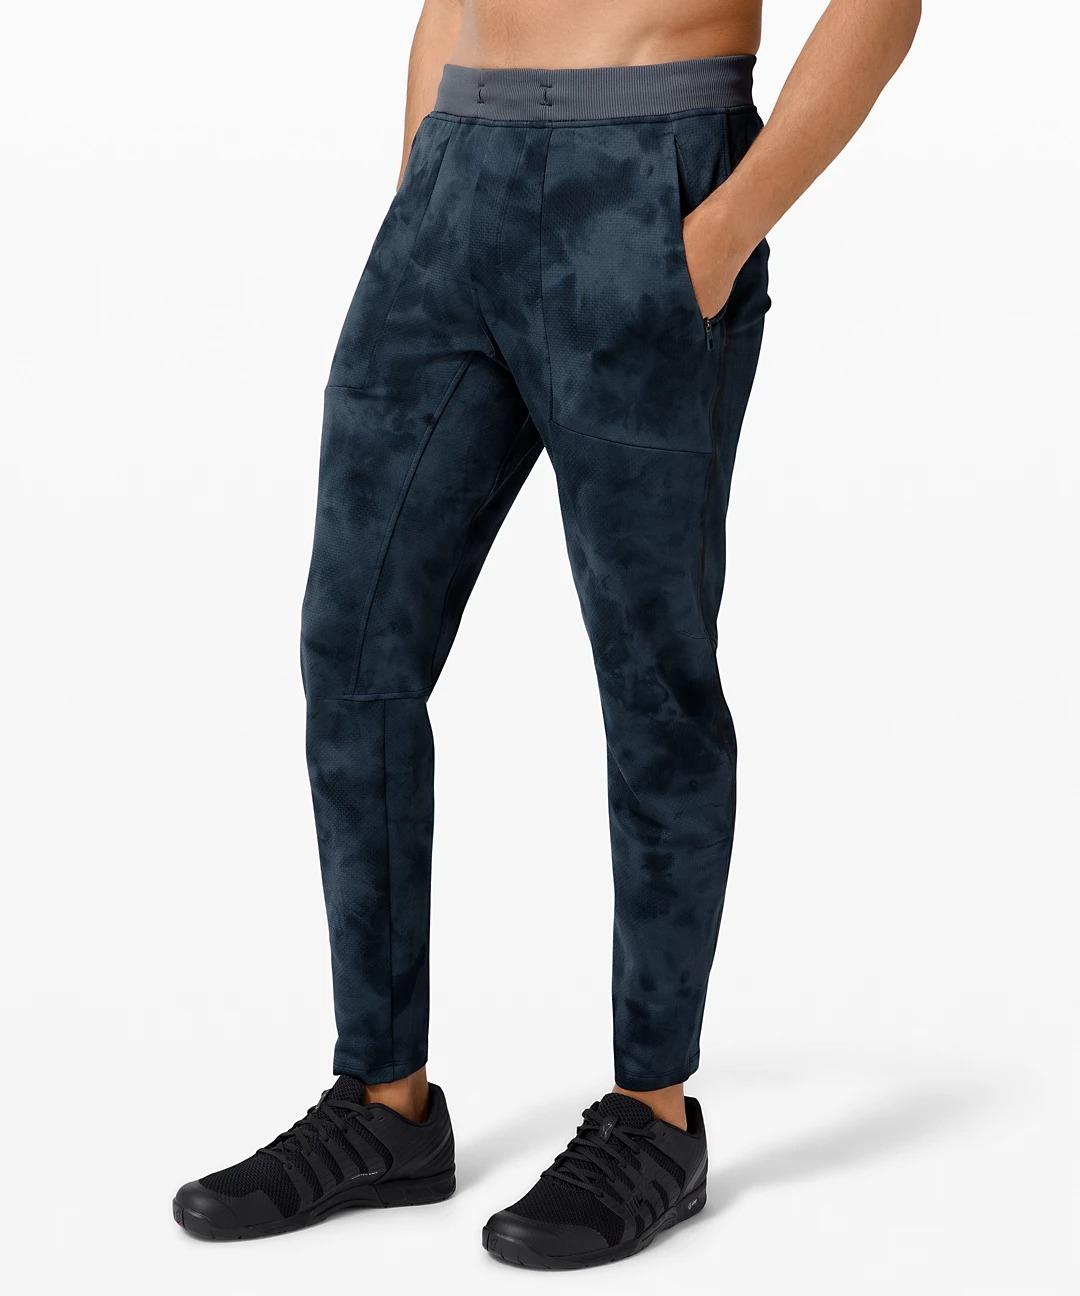 lululemon black friday sale - blue dyed exercise pants